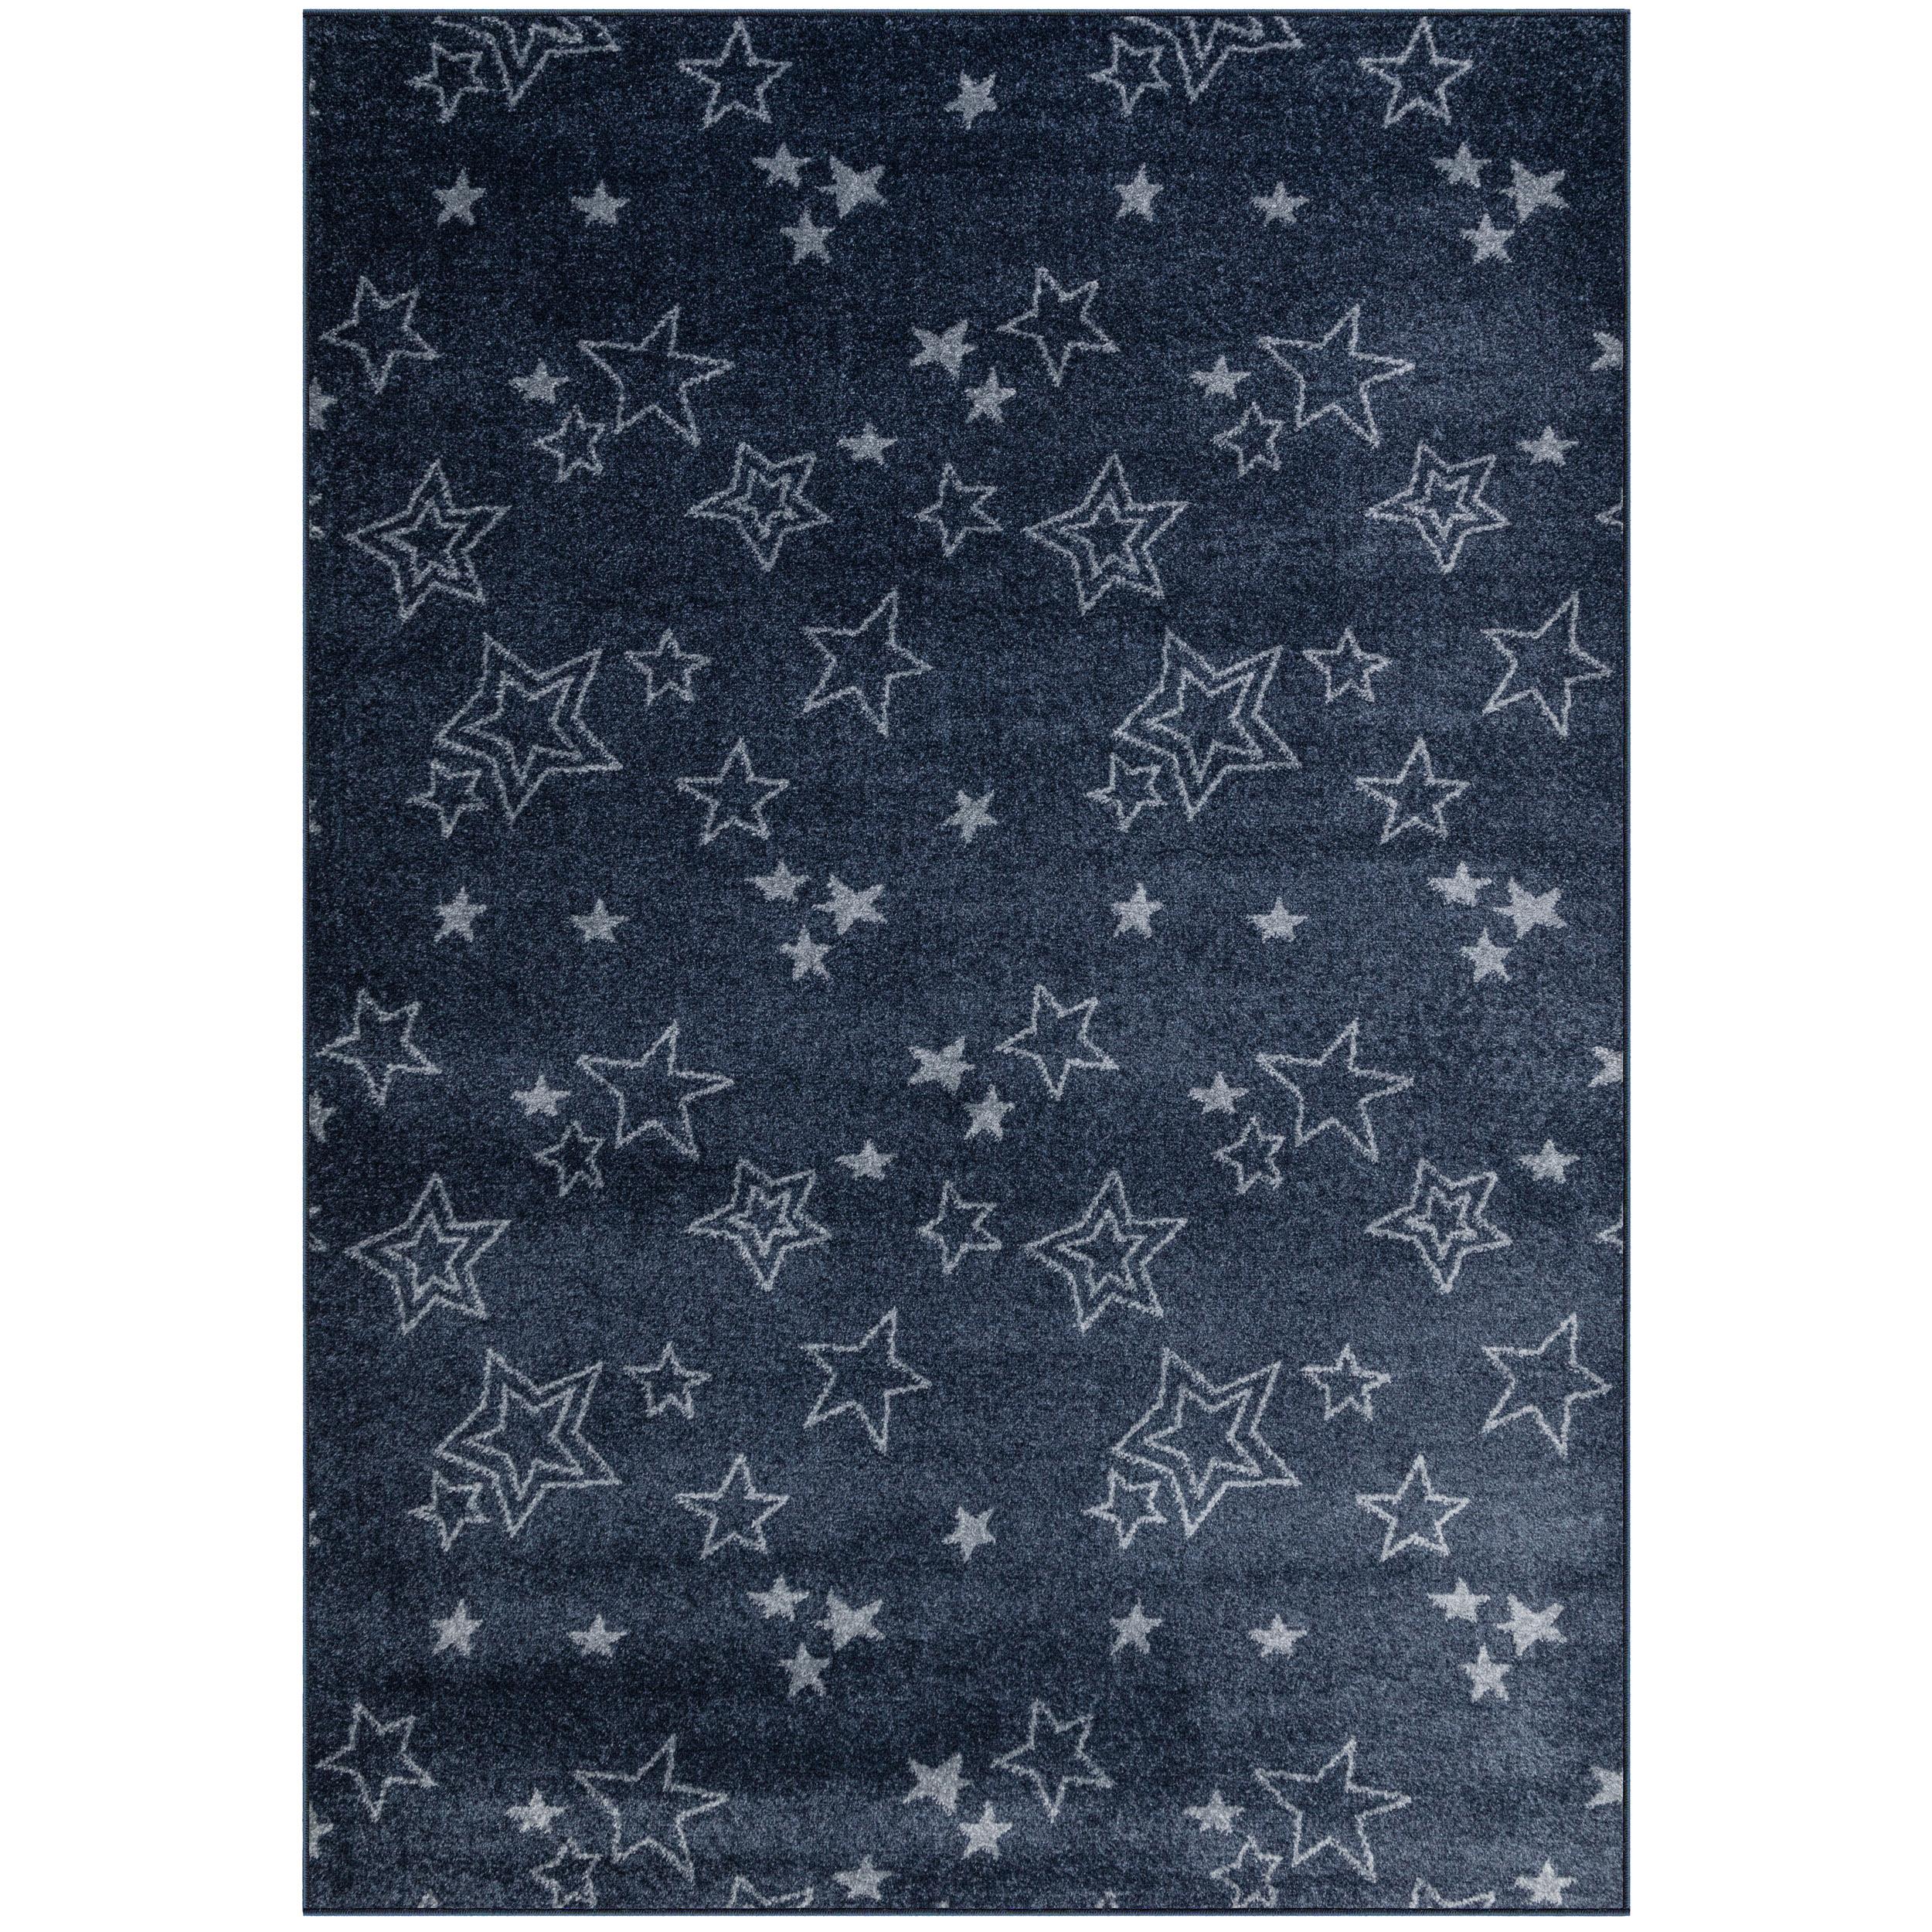 Παιδικό Χαλί 160X230 Ezzo All Season Tiny Stars A846Ad8 (160x230)